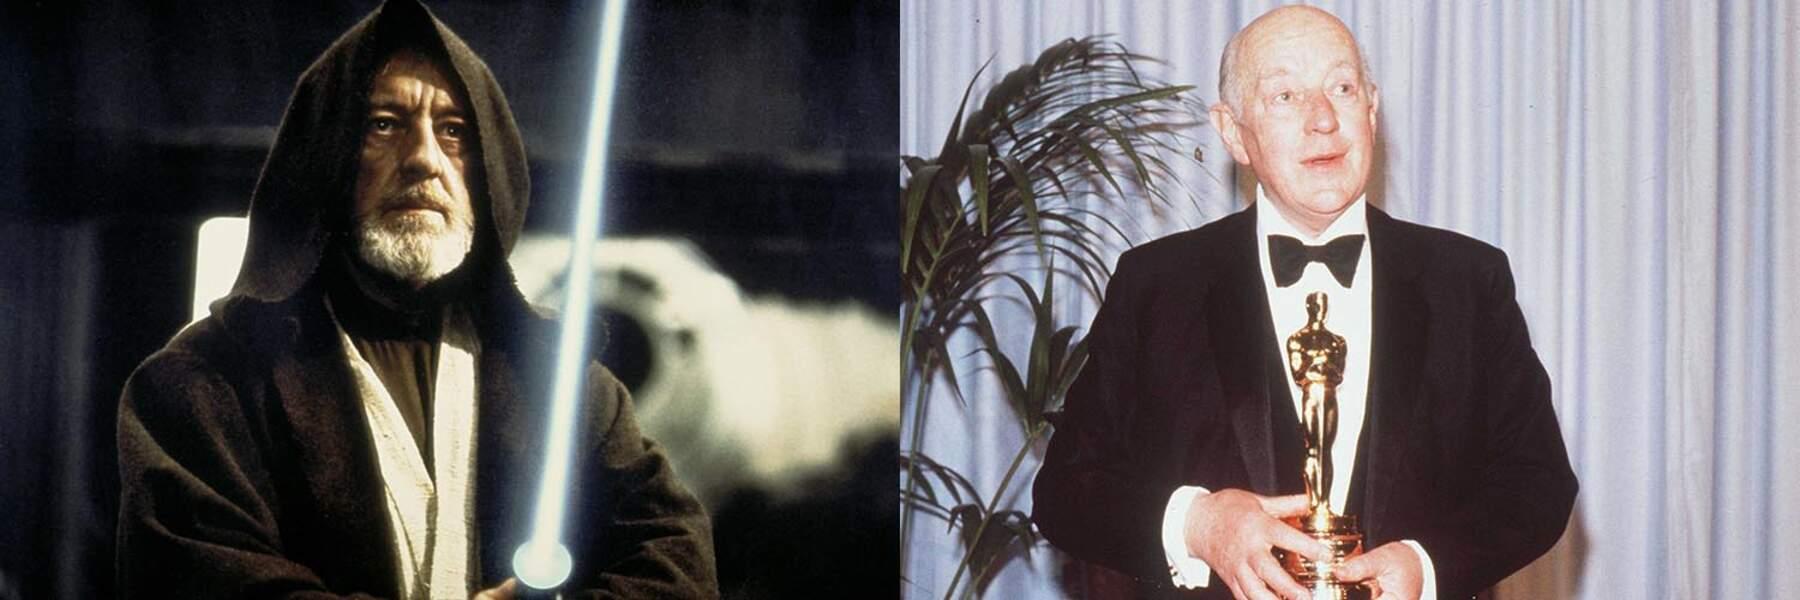 Alec Guiness, inoubliable Obi-Wan Kenobi entre 1977 et 1983, est décédé en août 2000